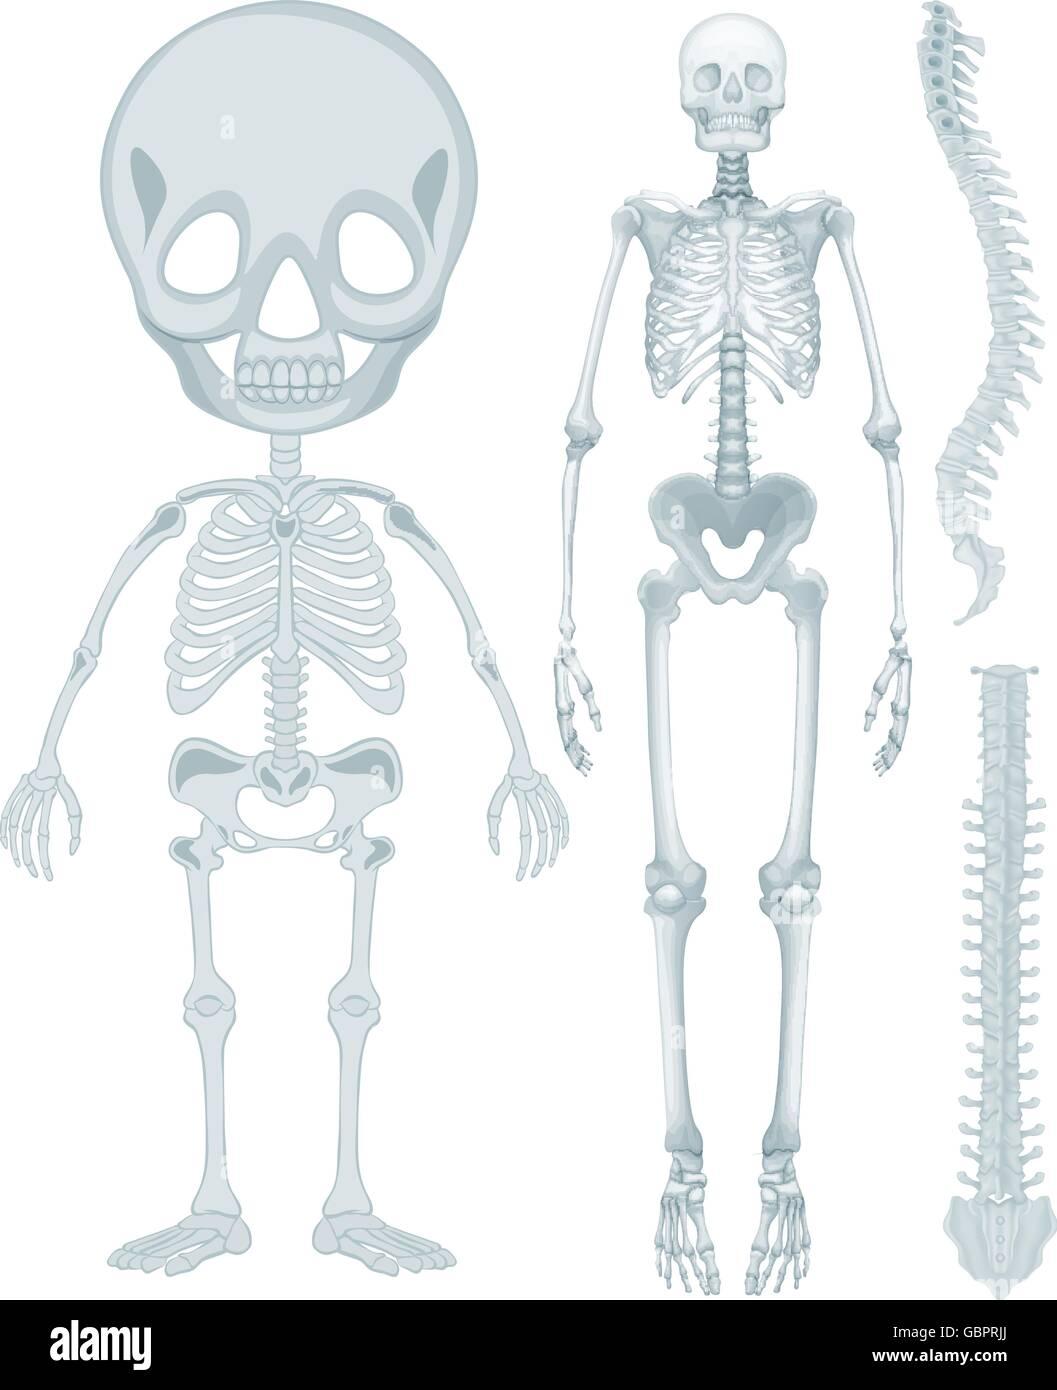 Skelett-Systems für Mensch-illustration Vektor Abbildung - Bild ...